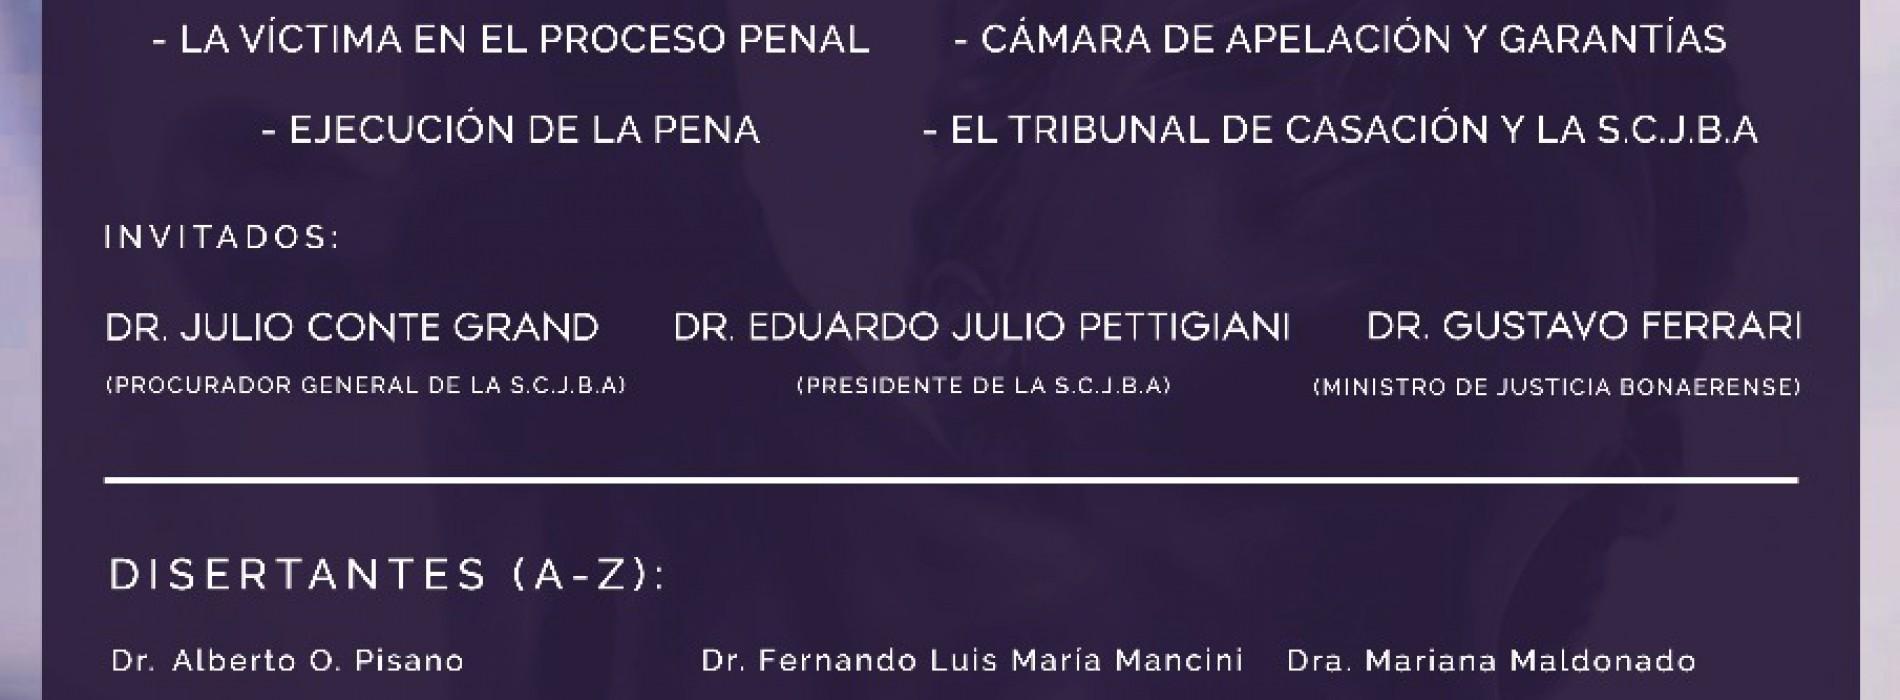 """""""20° ANIVERSARIO DE LA IMPLEMENTACIÓN DEL SISTEMA ACUSATORIO EN LA PROVINCIA DE BUENOS AIRES (1998-2018)"""""""